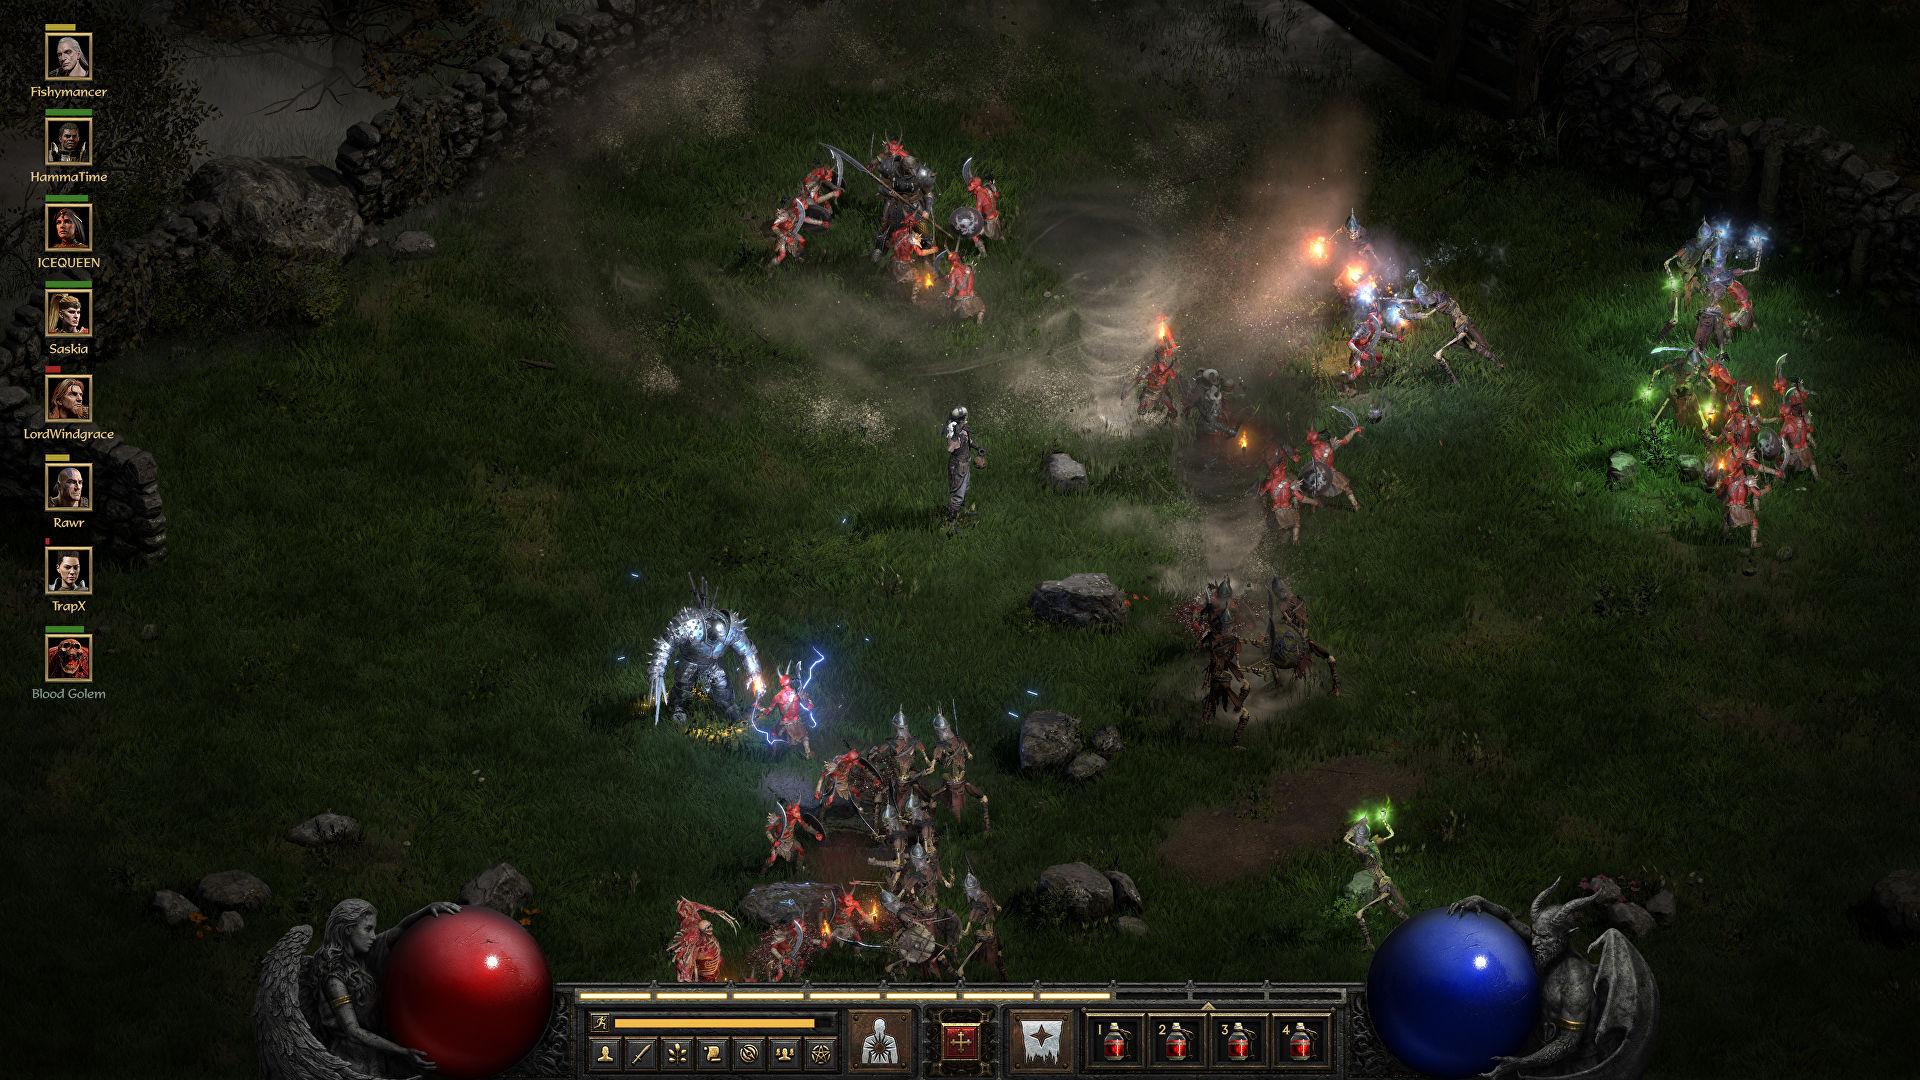 diablo ii resurrected multiplayer stress